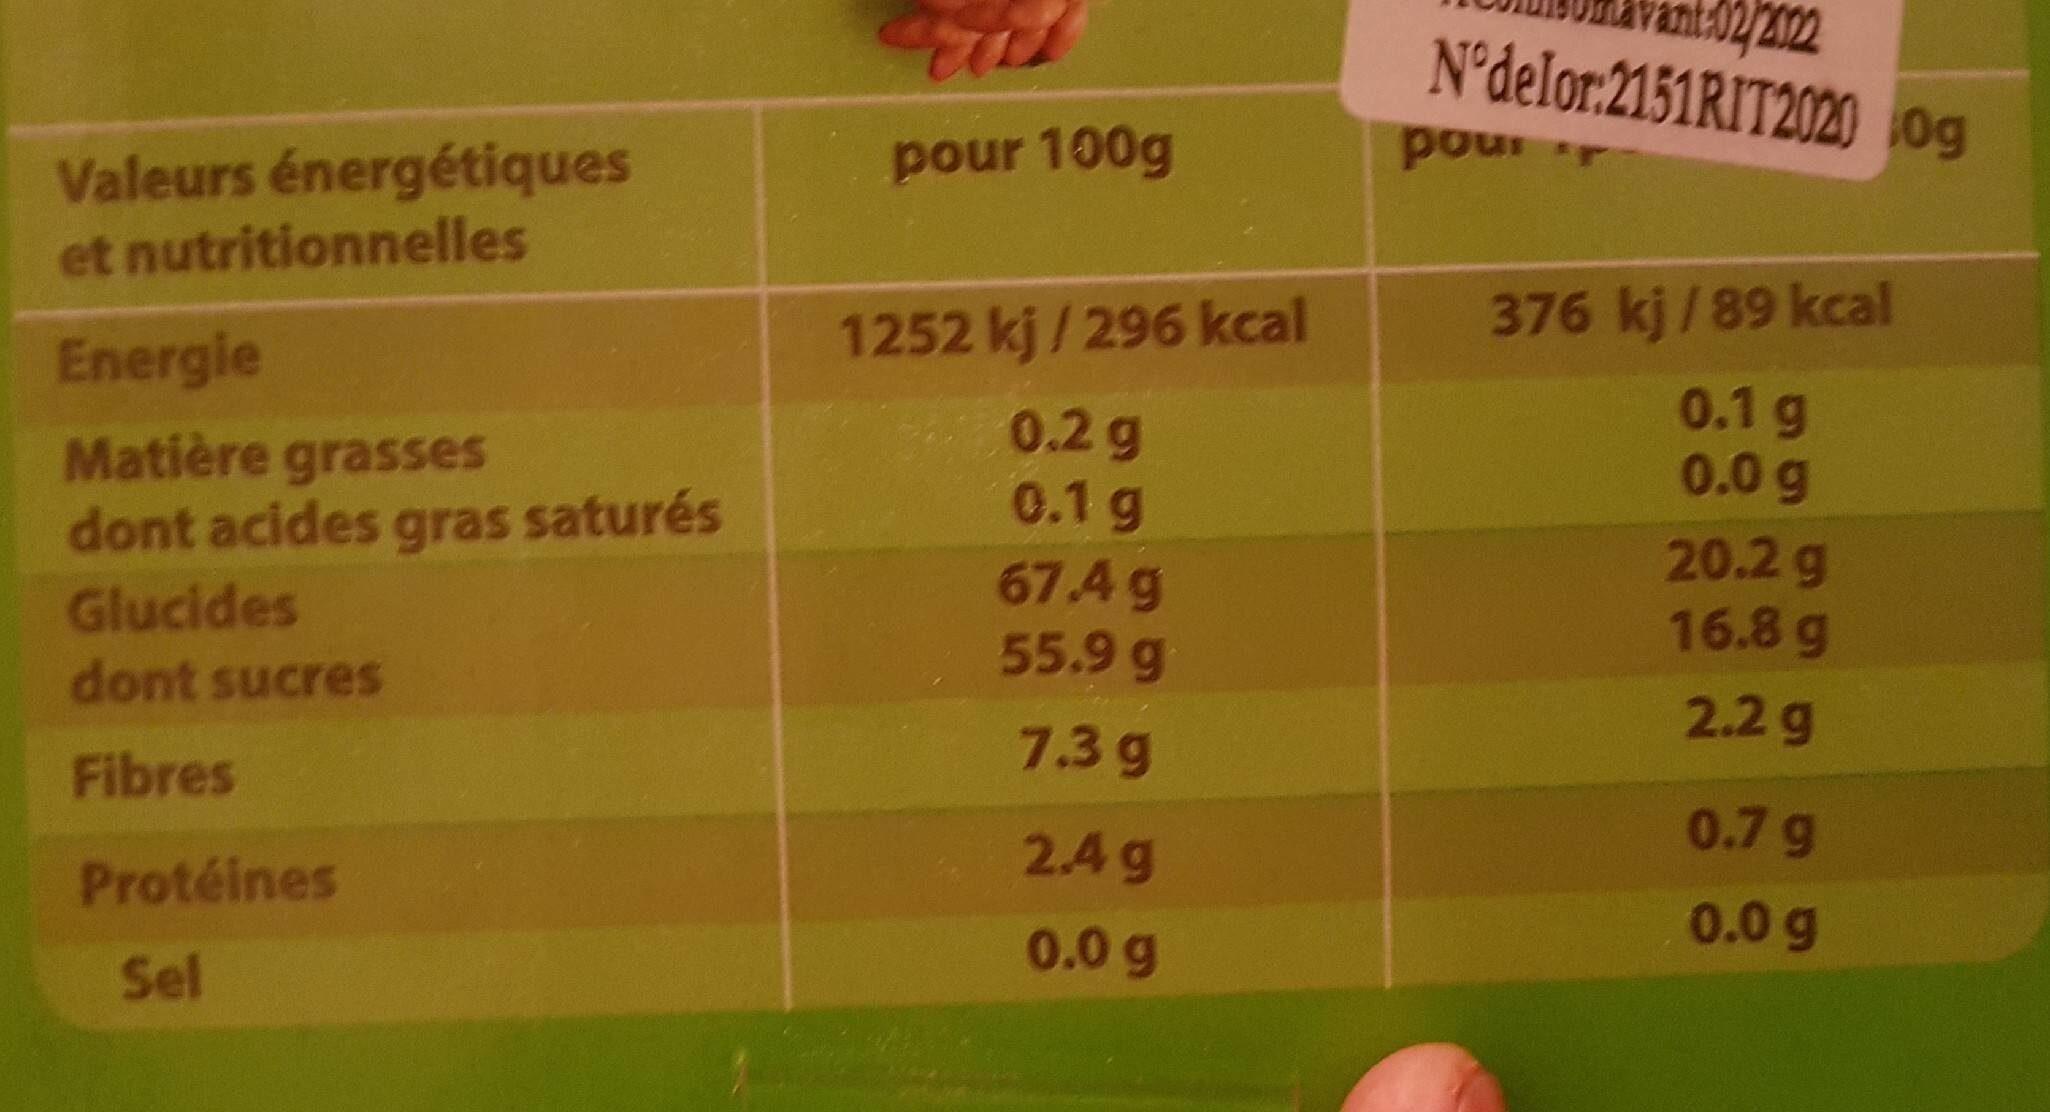 Datte deglet nour - حقائق غذائية - fr